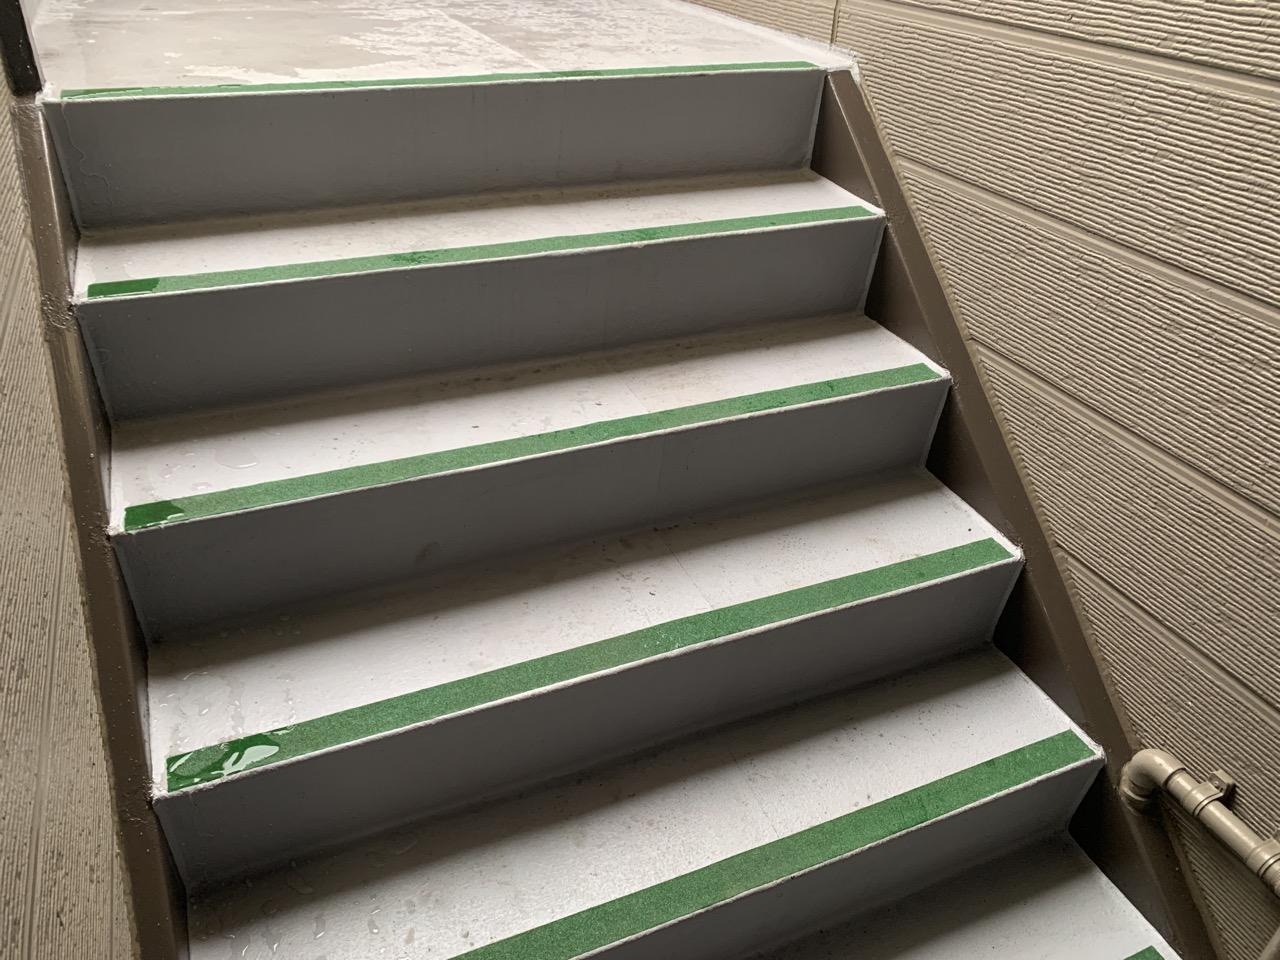 【八戸】アパート鉄骨階段防水工事③その後 |屋根塗装|塗装業者|塗装屋|塗装会社